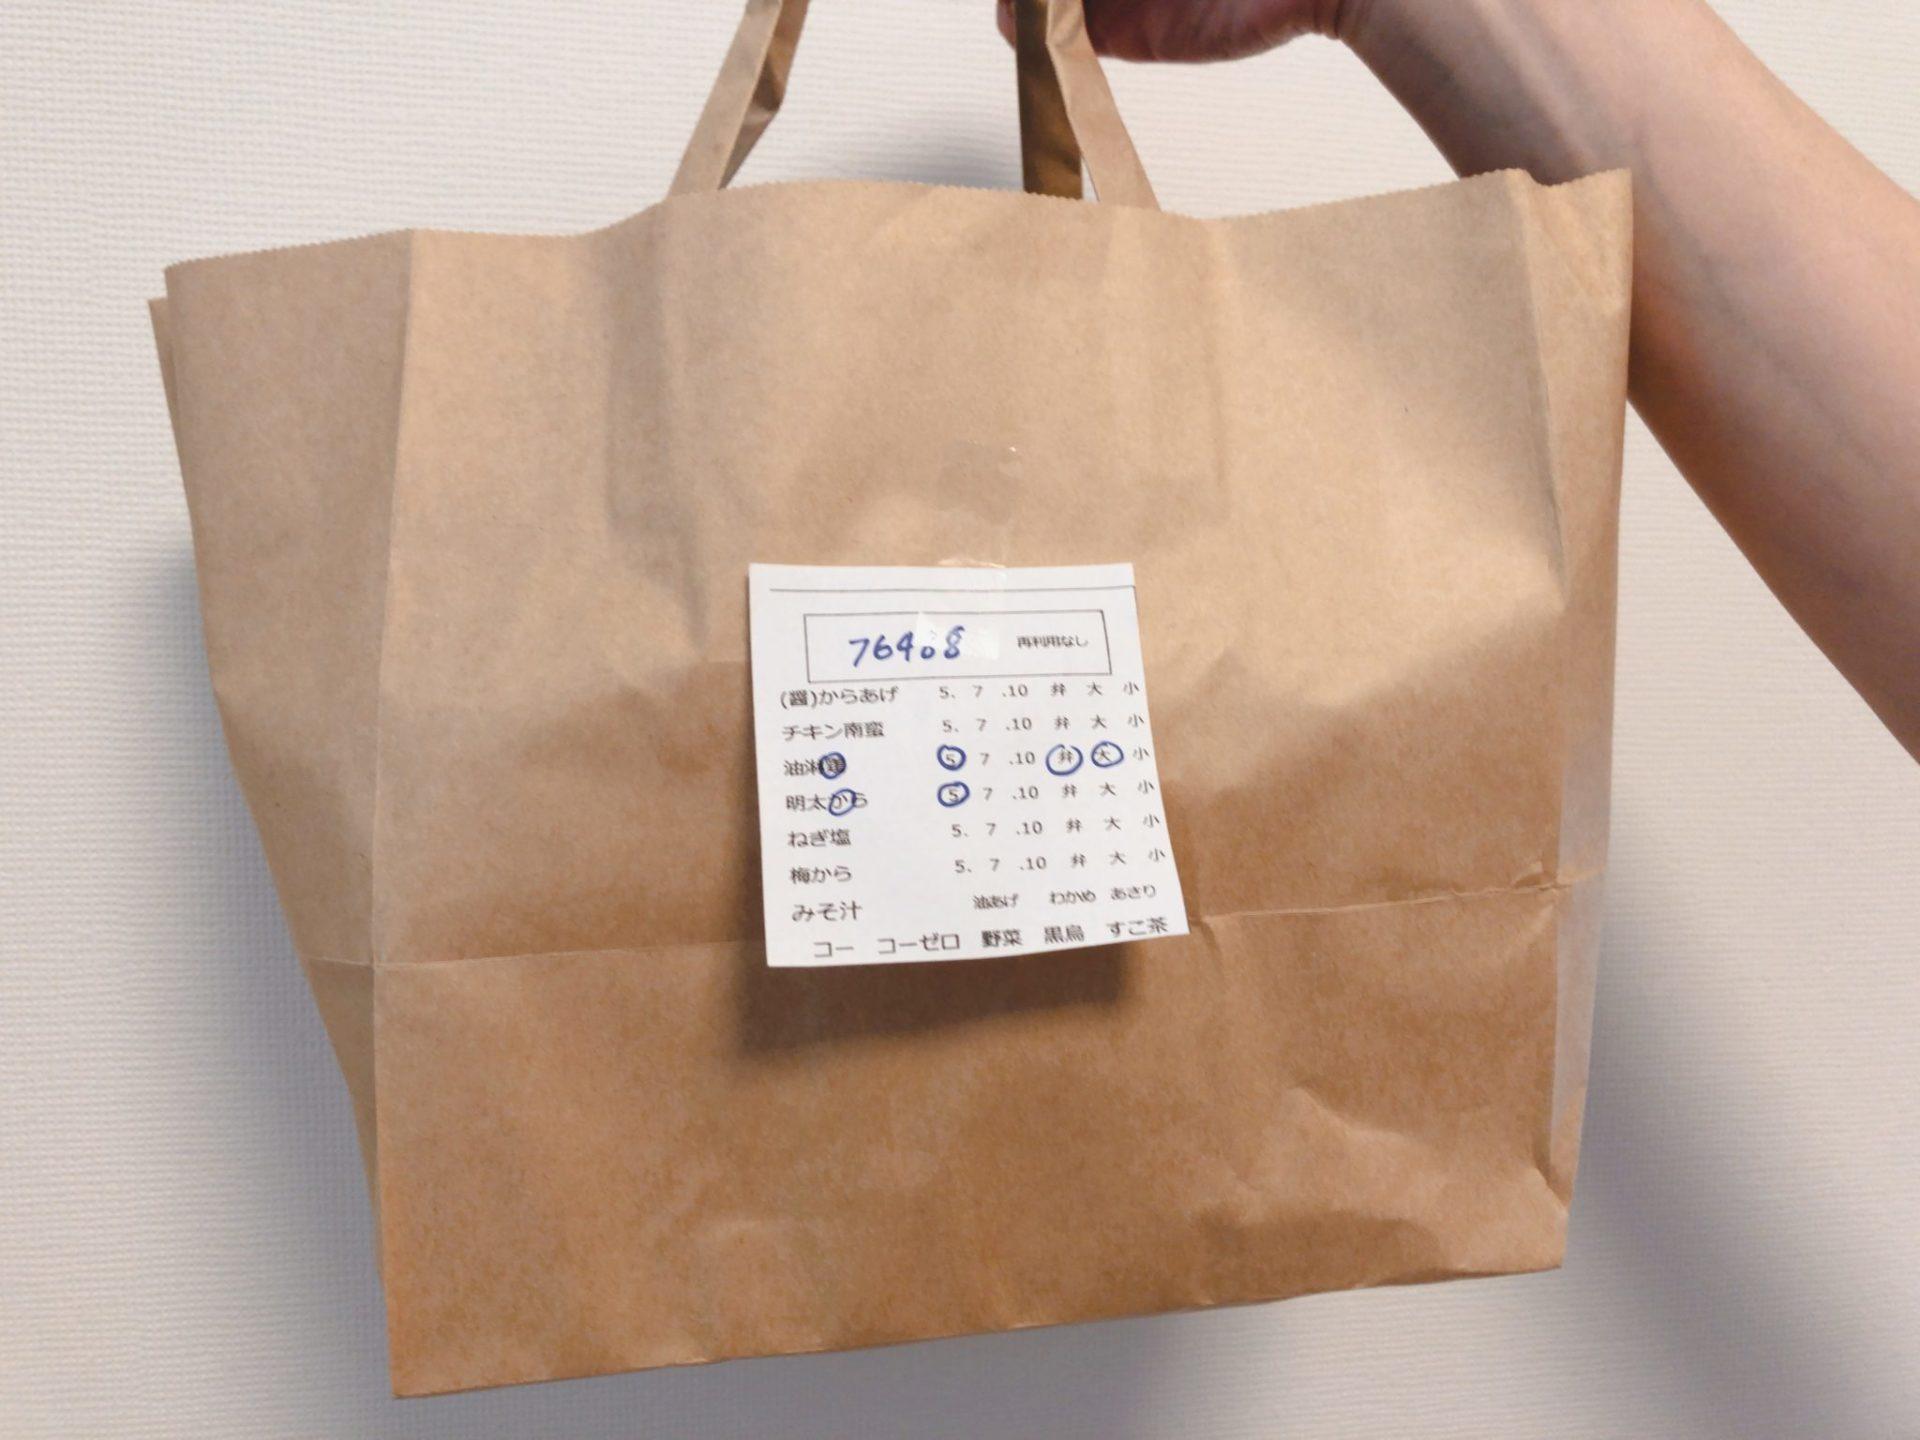 東京からあげ専門店 あげたてをデリバリーの紙袋